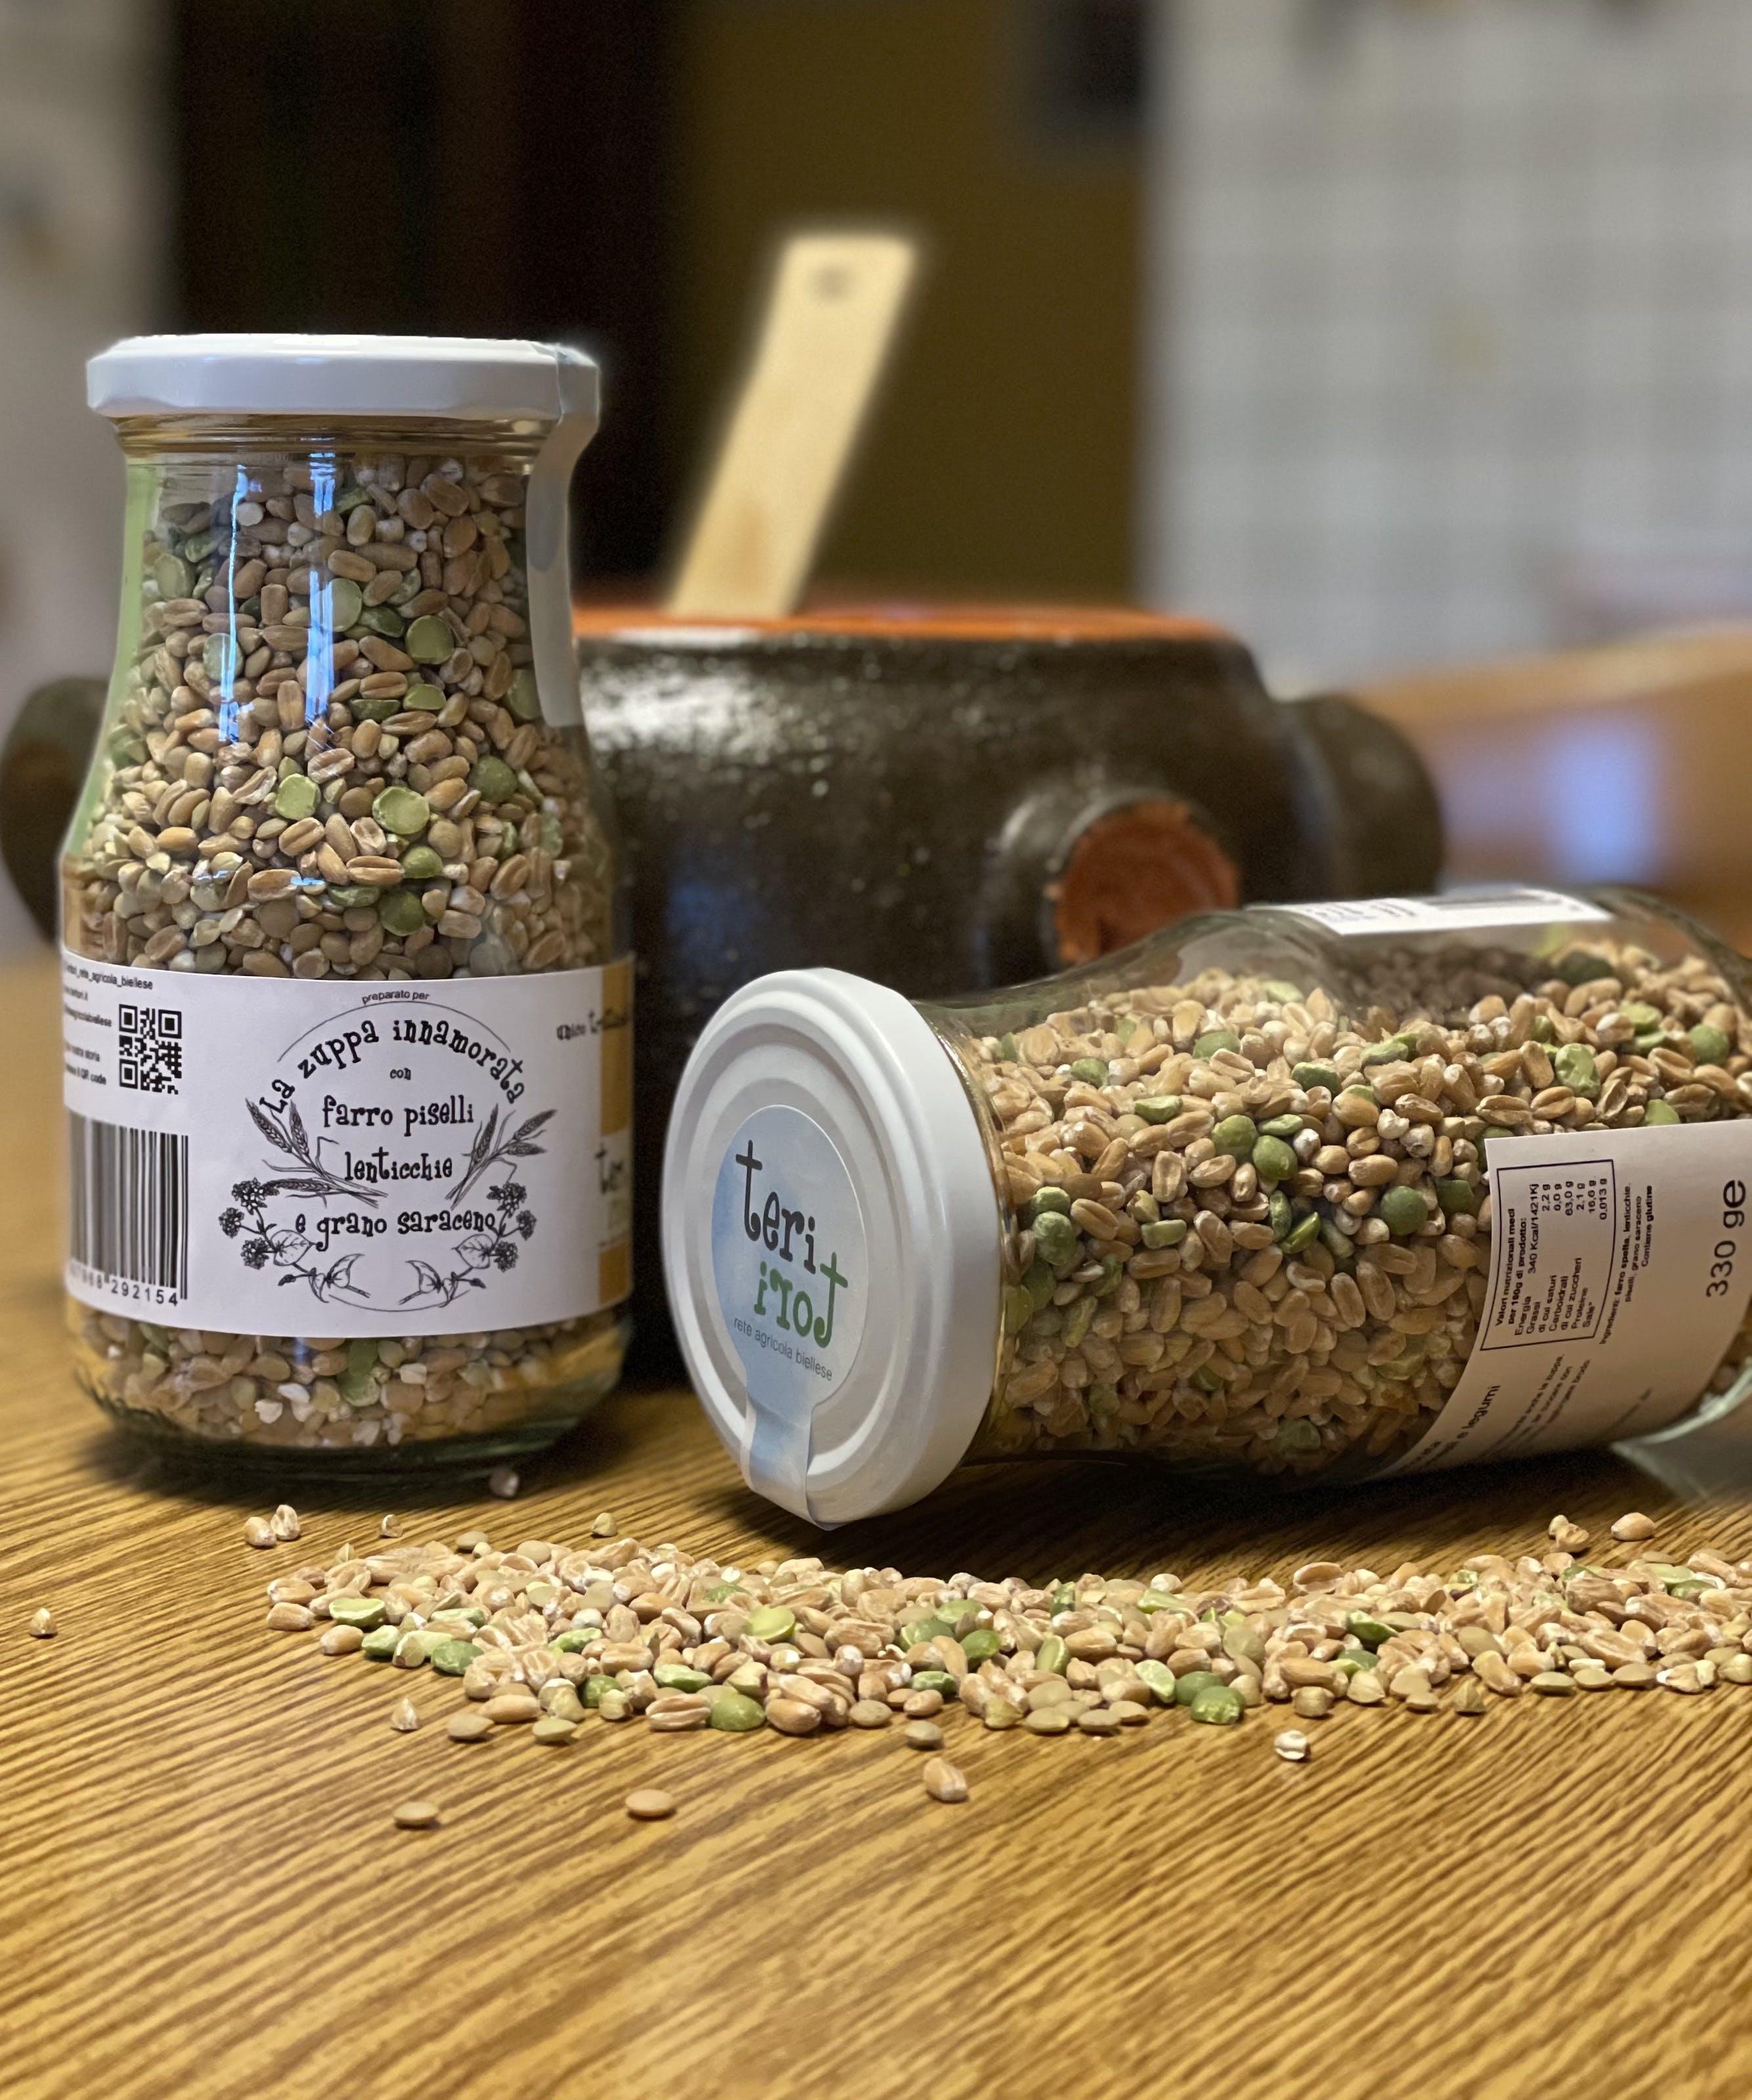 Zuppa Innamorata con farro, piselli, lenticchie e grano saraceno